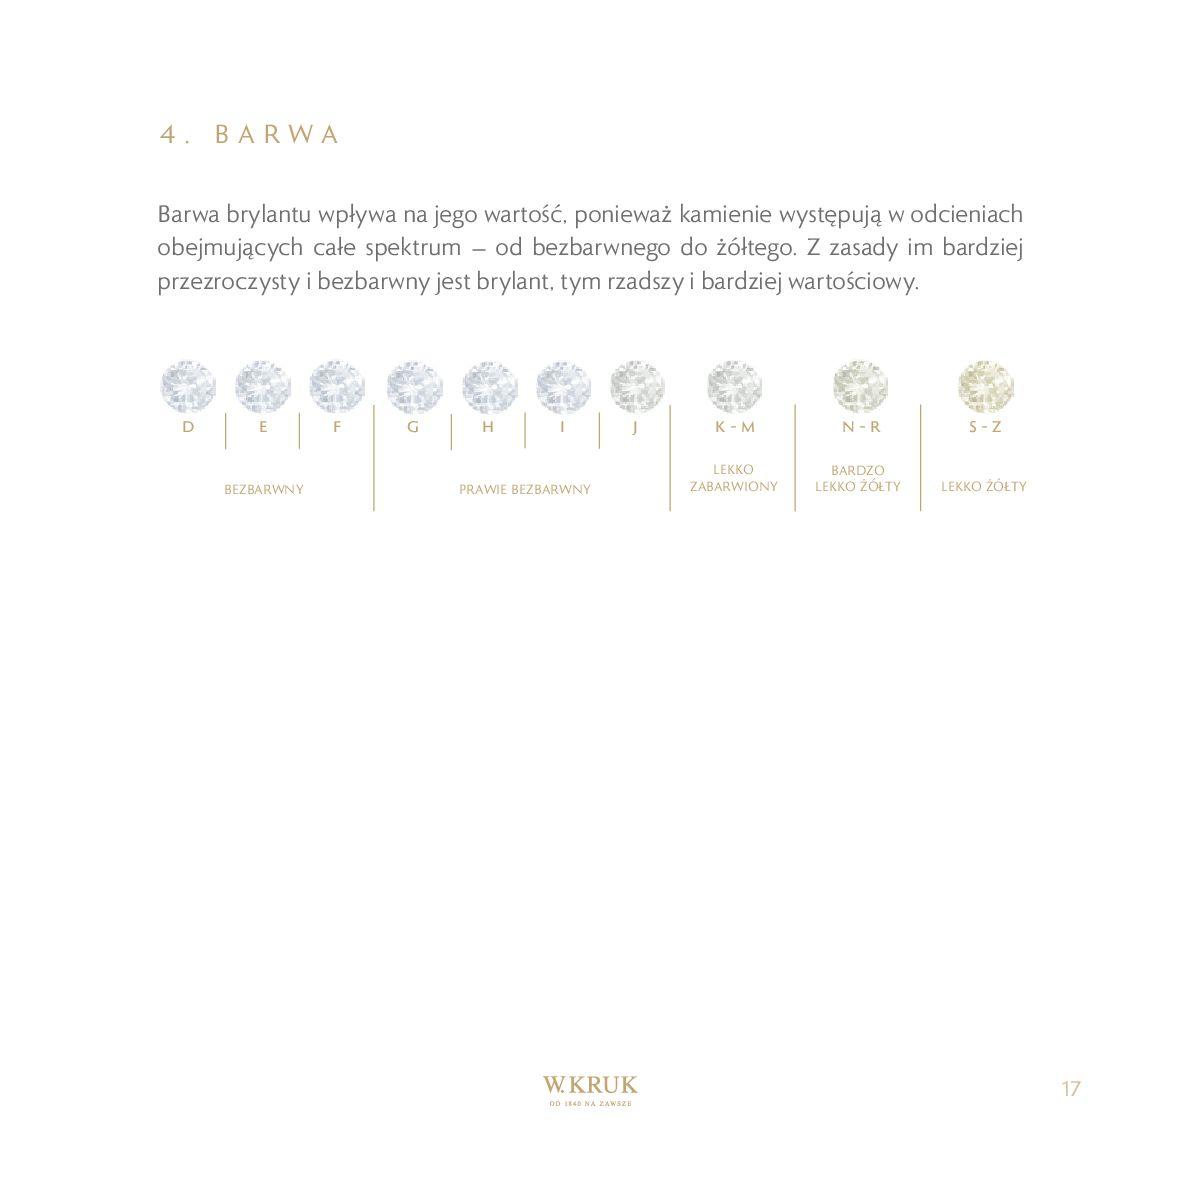 Gazetka W. KRUK: Katalog - Obrączki 2021-02-17 page-19